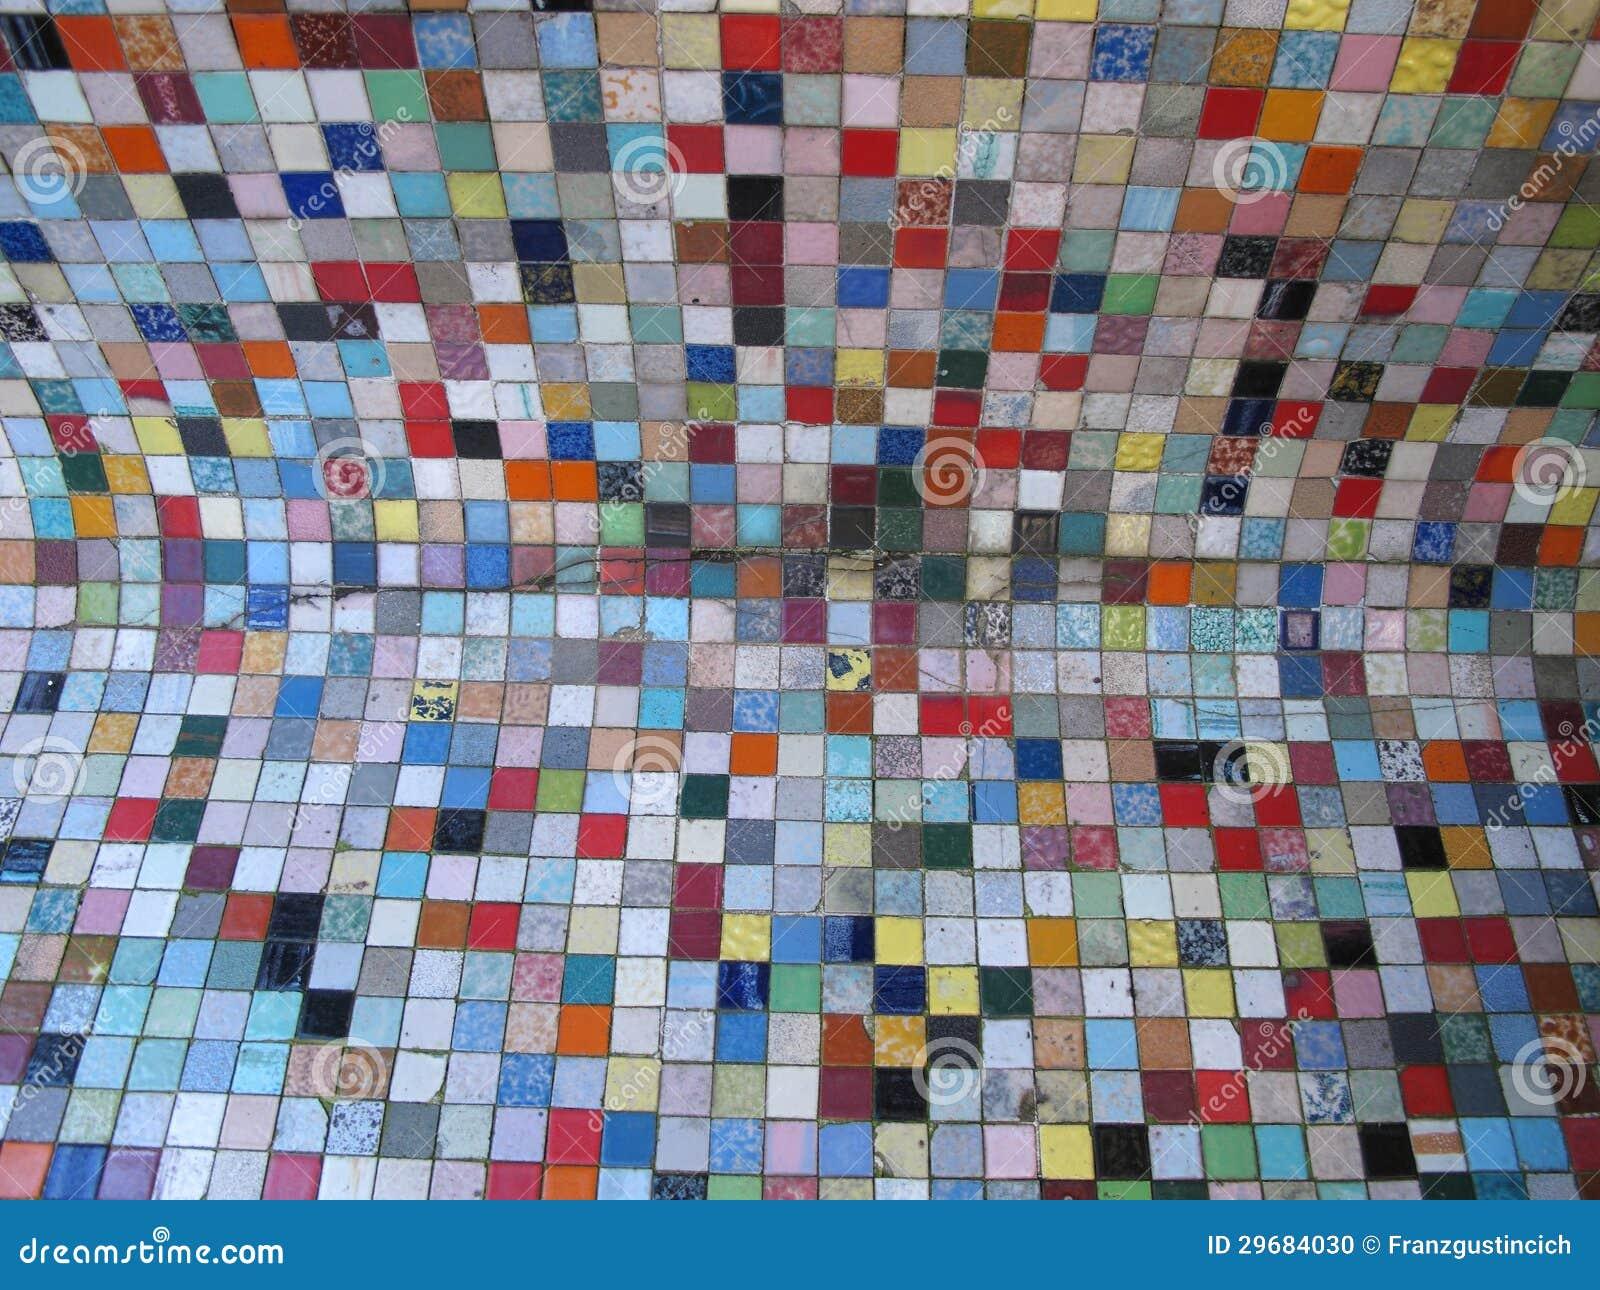 farbige glasfliesen stockfoto bild von bunt glas. Black Bedroom Furniture Sets. Home Design Ideas